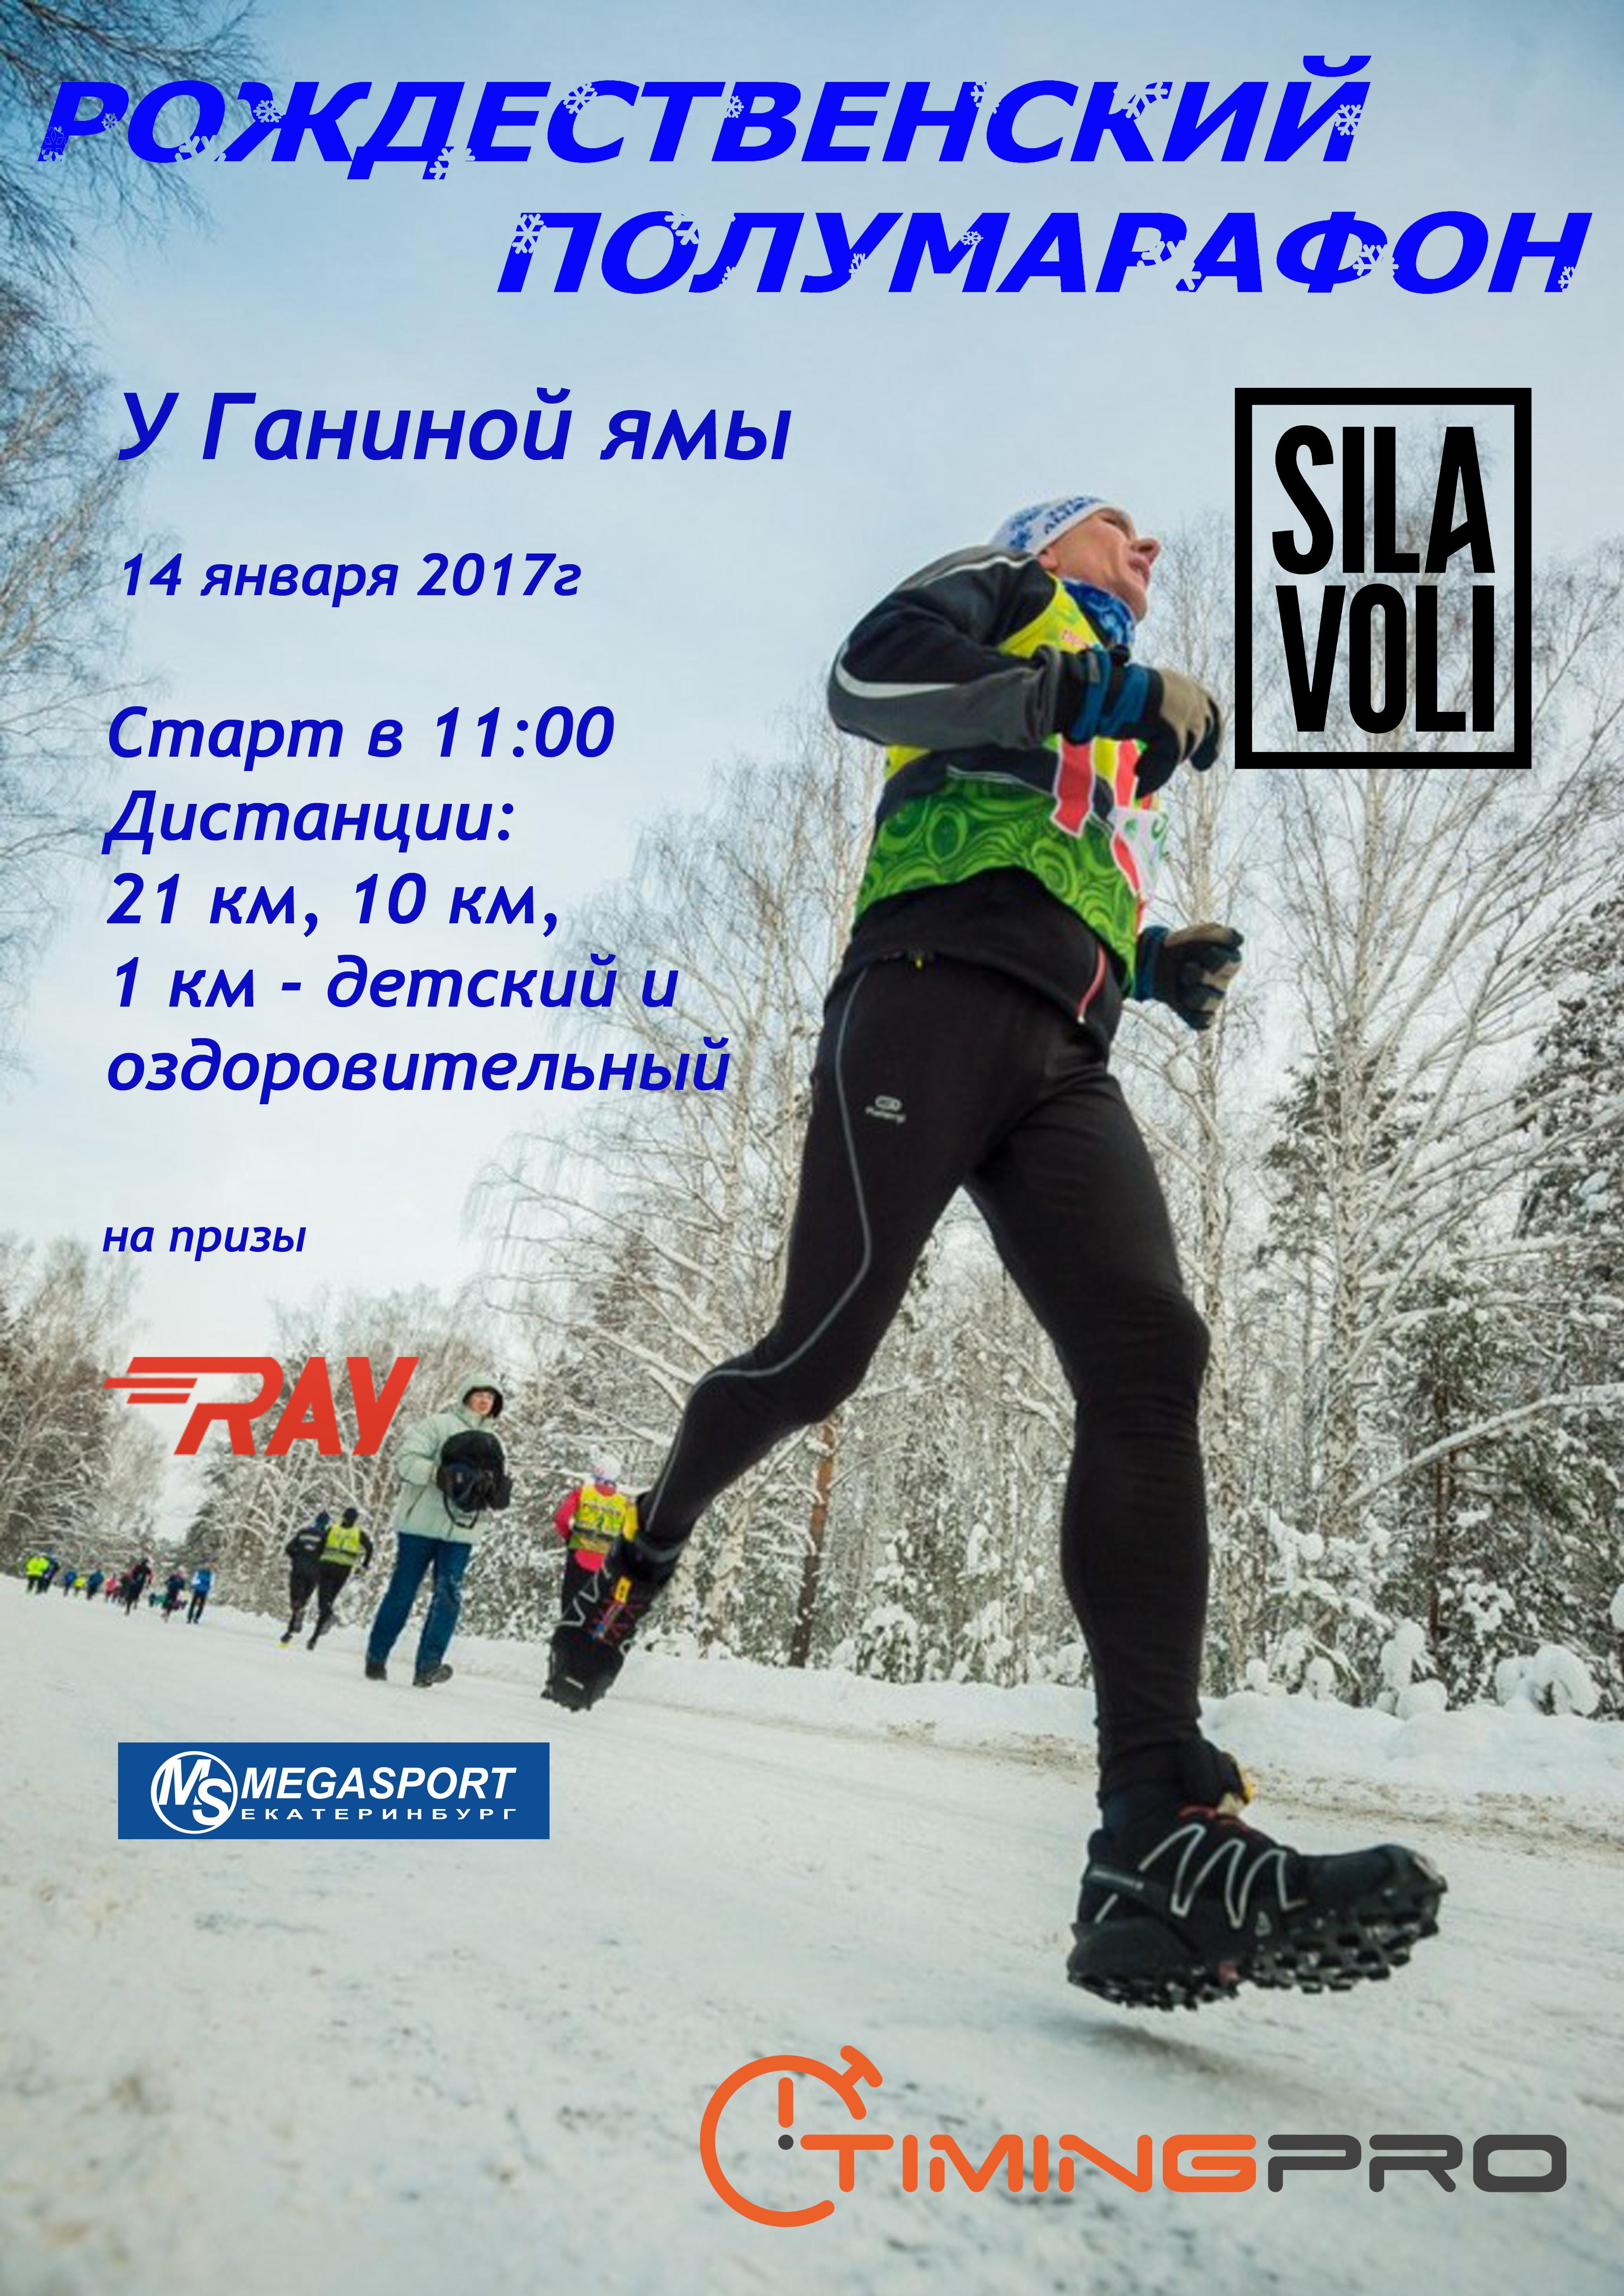 14 января пройдет I этап Кубка RAY - Рождественский полумарафон у Ганиной  ямы d305211b9bc